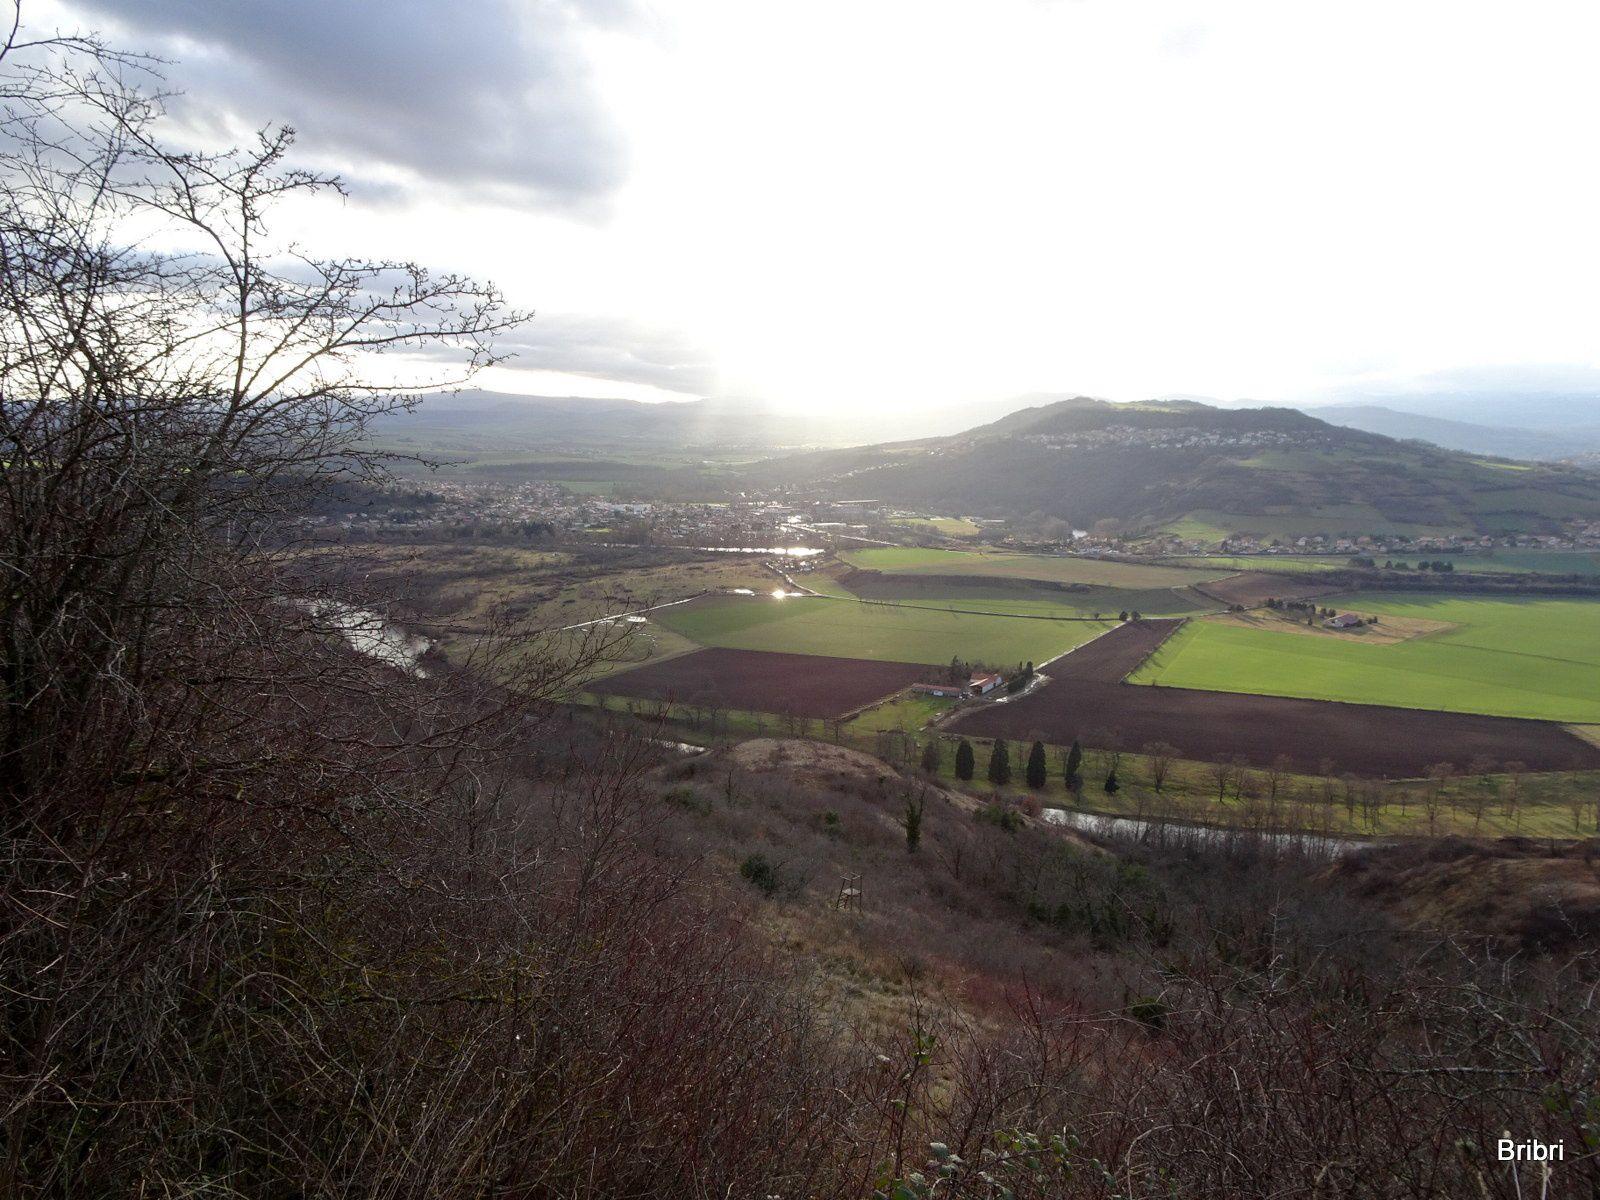 Vues sur le Puy-de-Dôme, la chaîne des Puys ,Cournon et différents petits puys alentours.